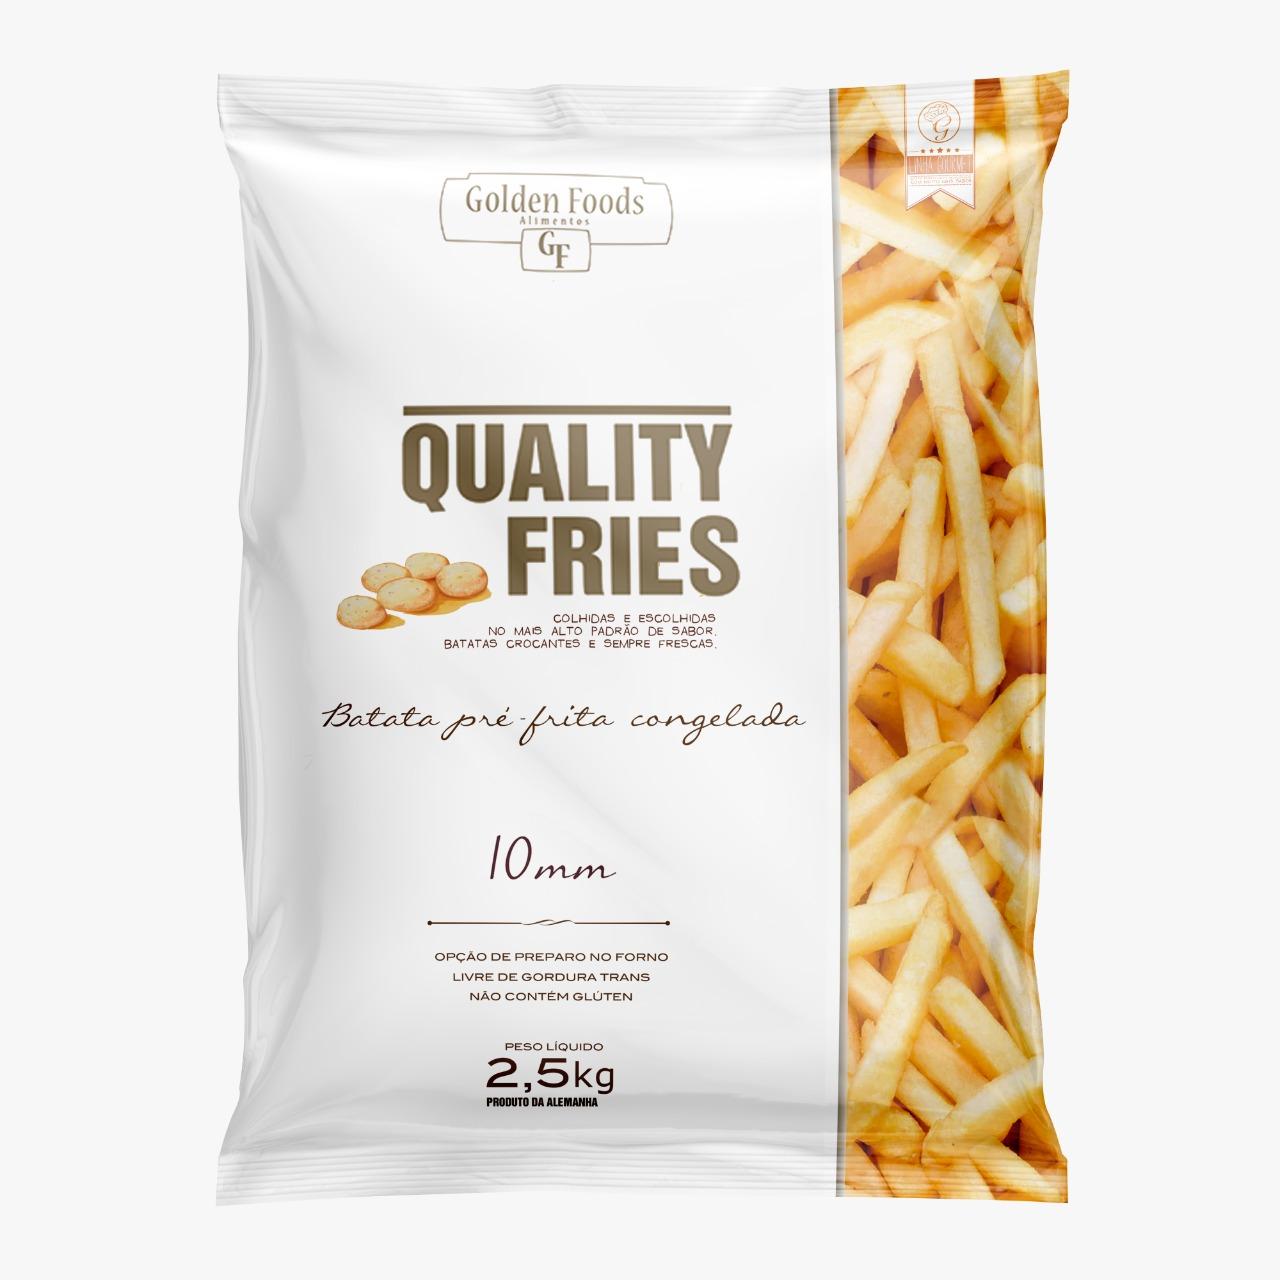 Batata Palito tradicional 10x10mm congelada 2,5kg Quality Fries pacote PCT